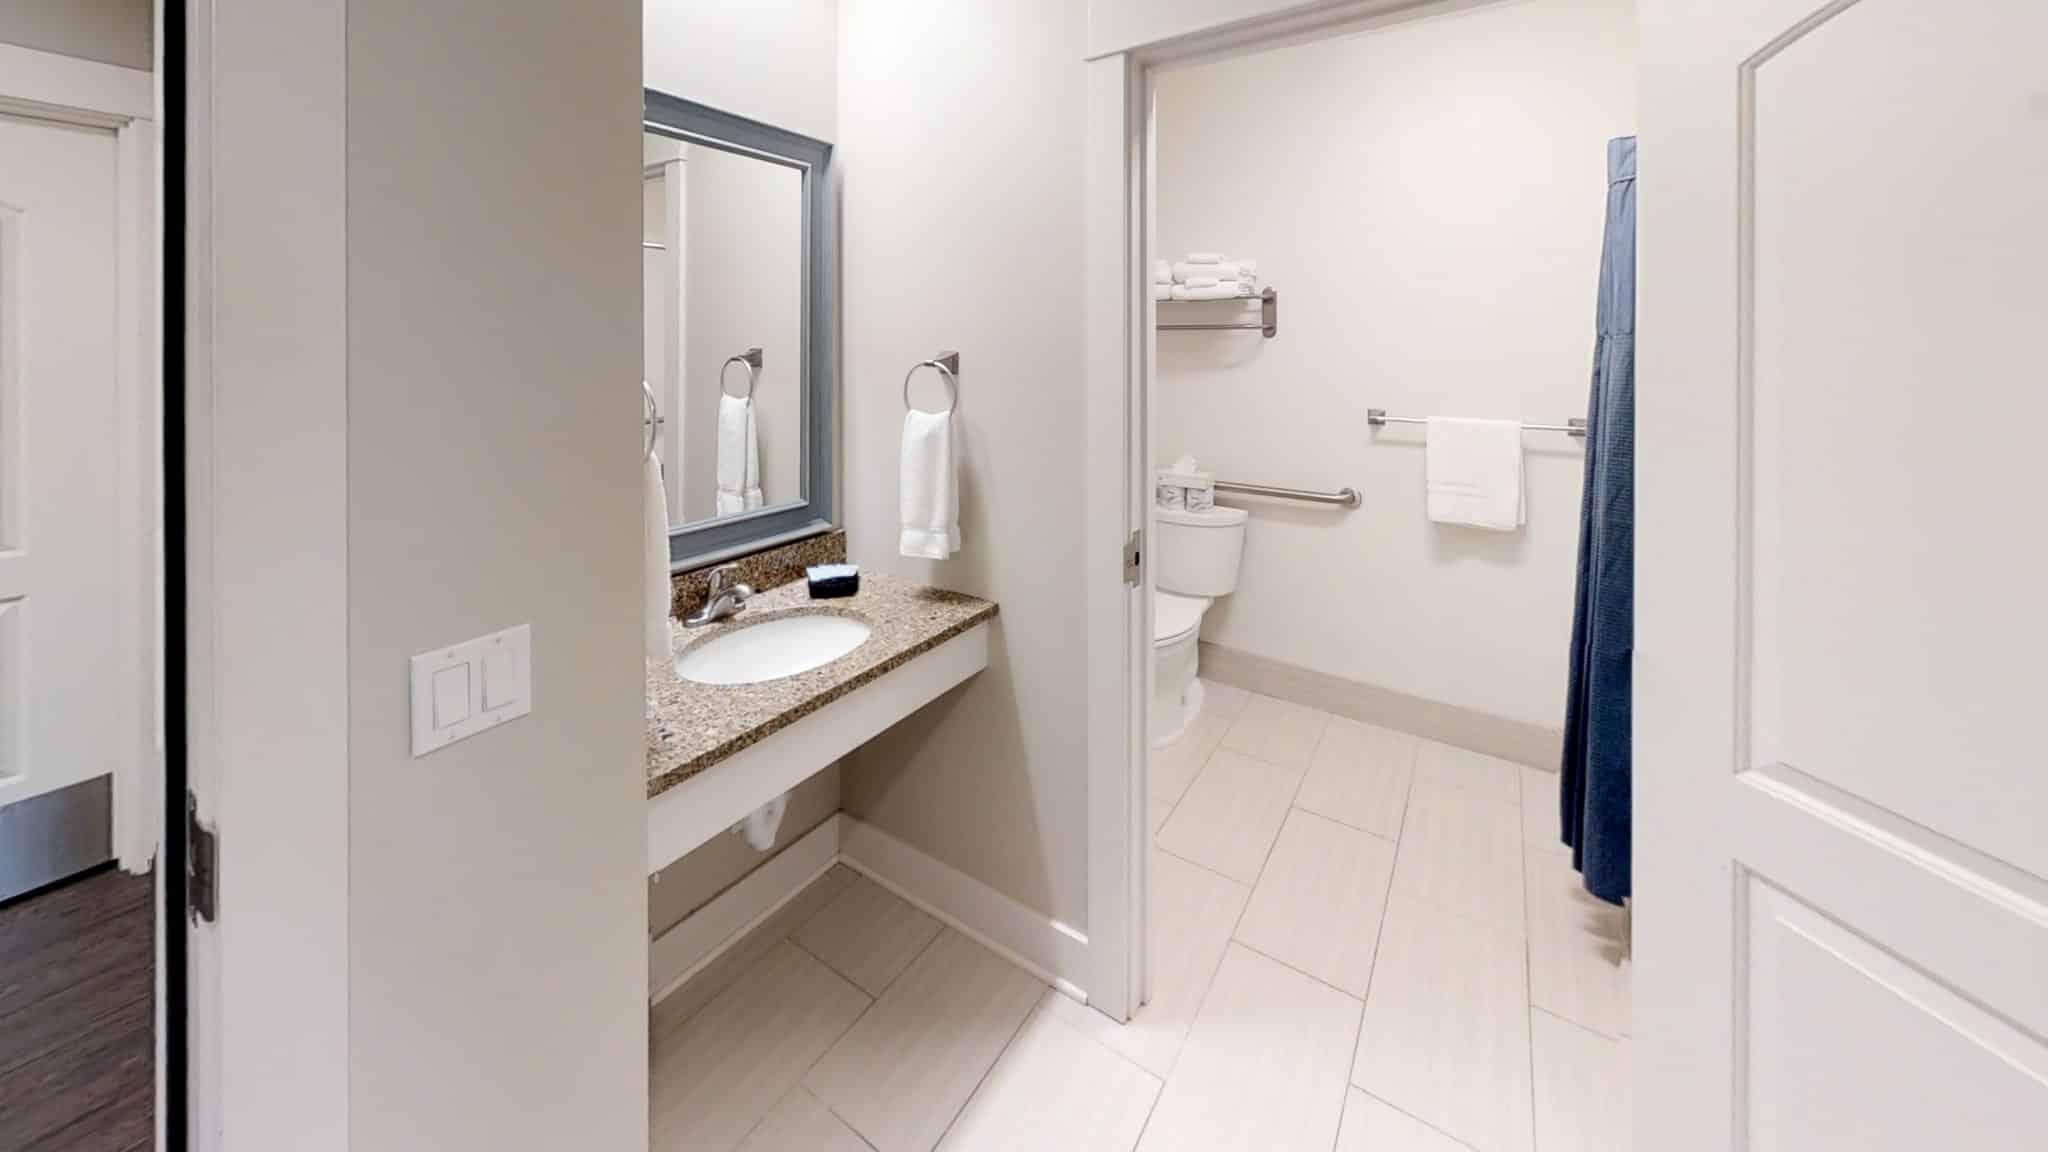 Isaac-bathroom king downstiars